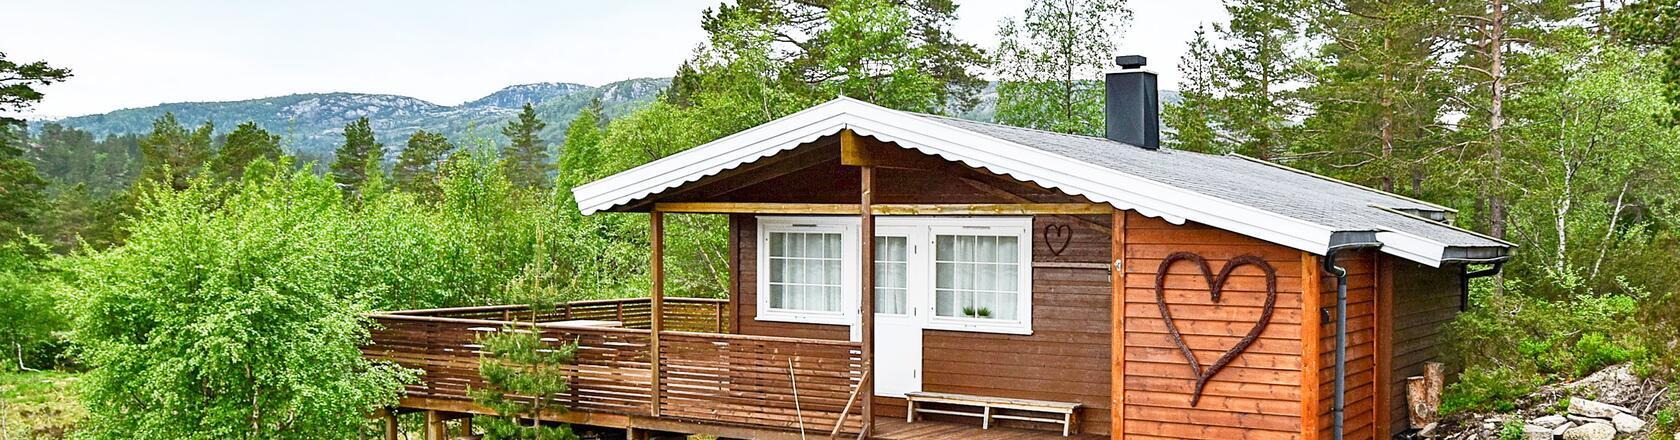 bykle in norwegen mieten sie ein ferienhaus bei dancenter. Black Bedroom Furniture Sets. Home Design Ideas